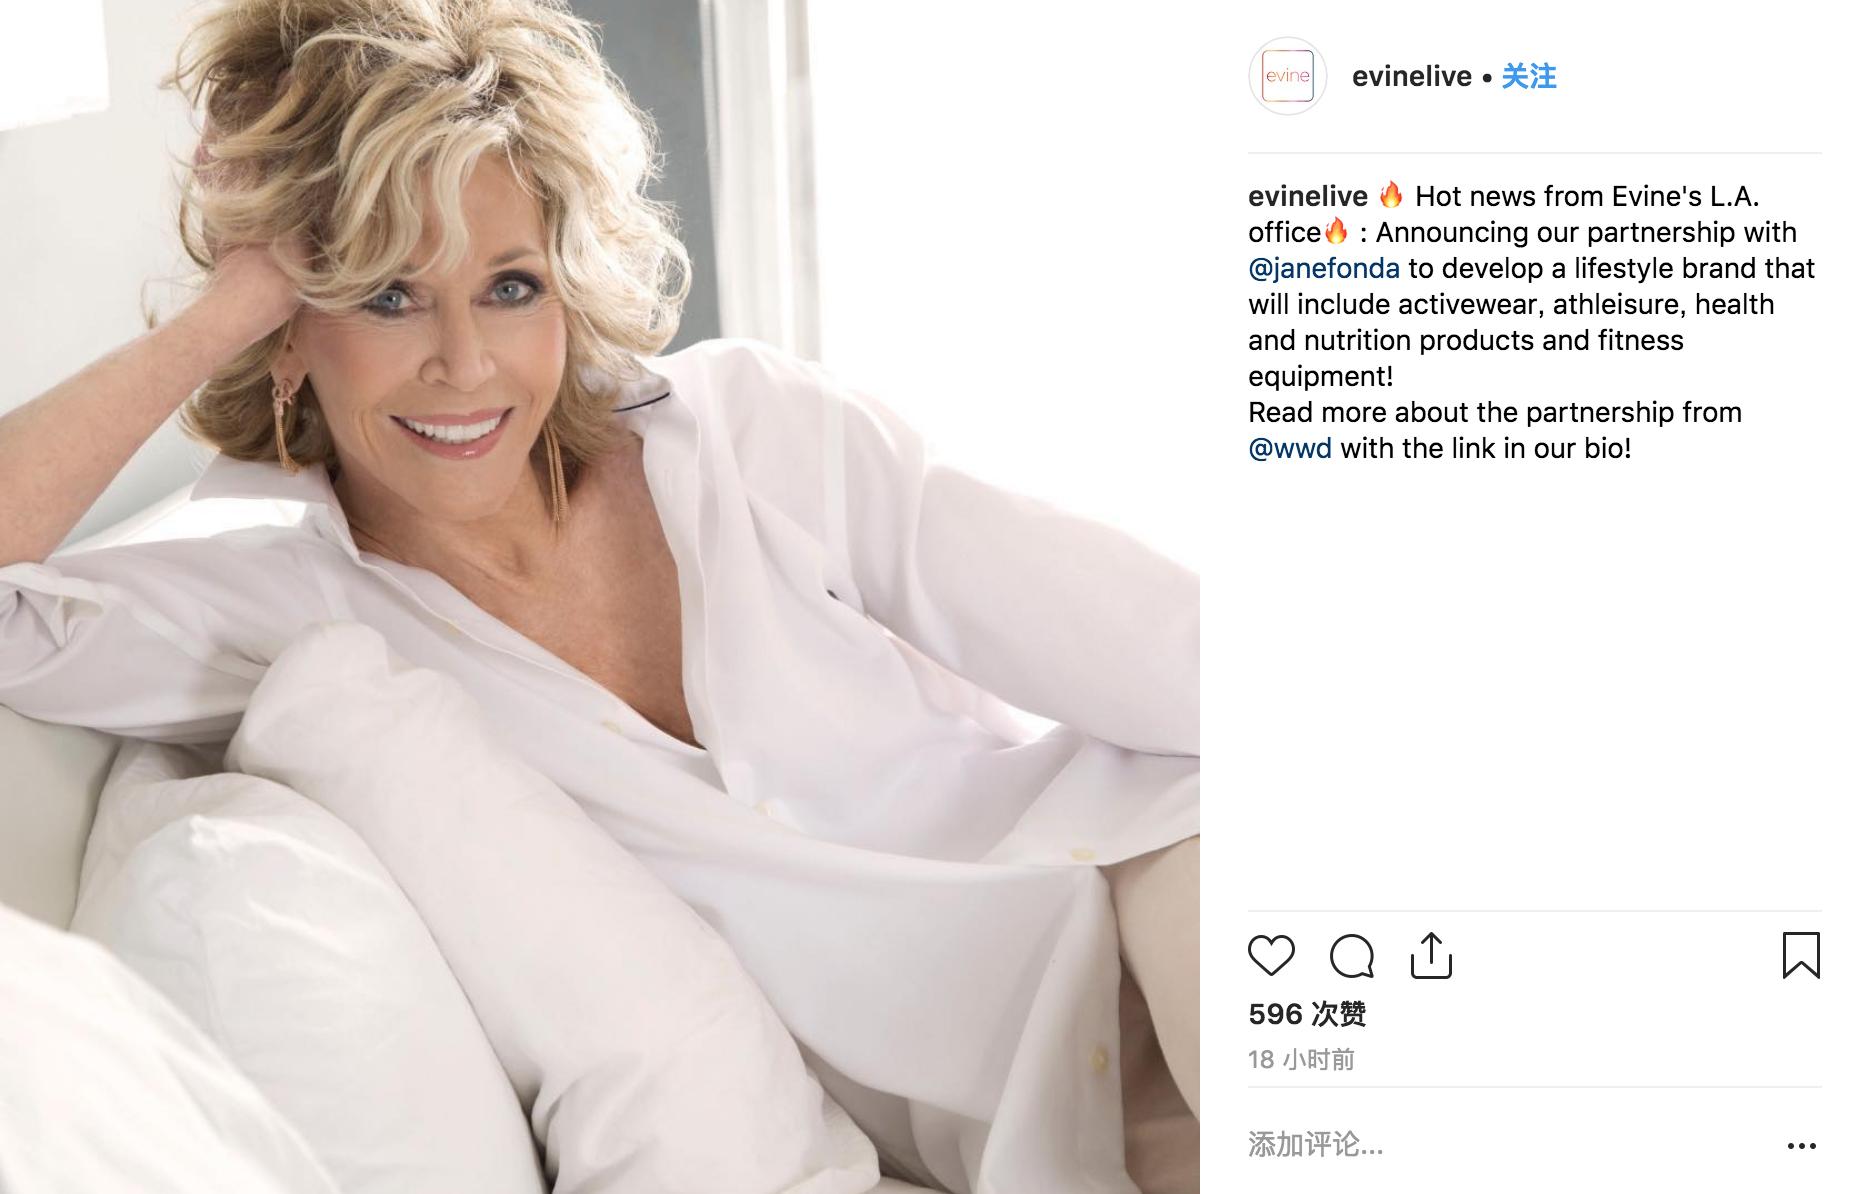 好莱坞常青树、81岁的简·方达将推出生活方式品牌:专门服务50岁以上的中老年女性